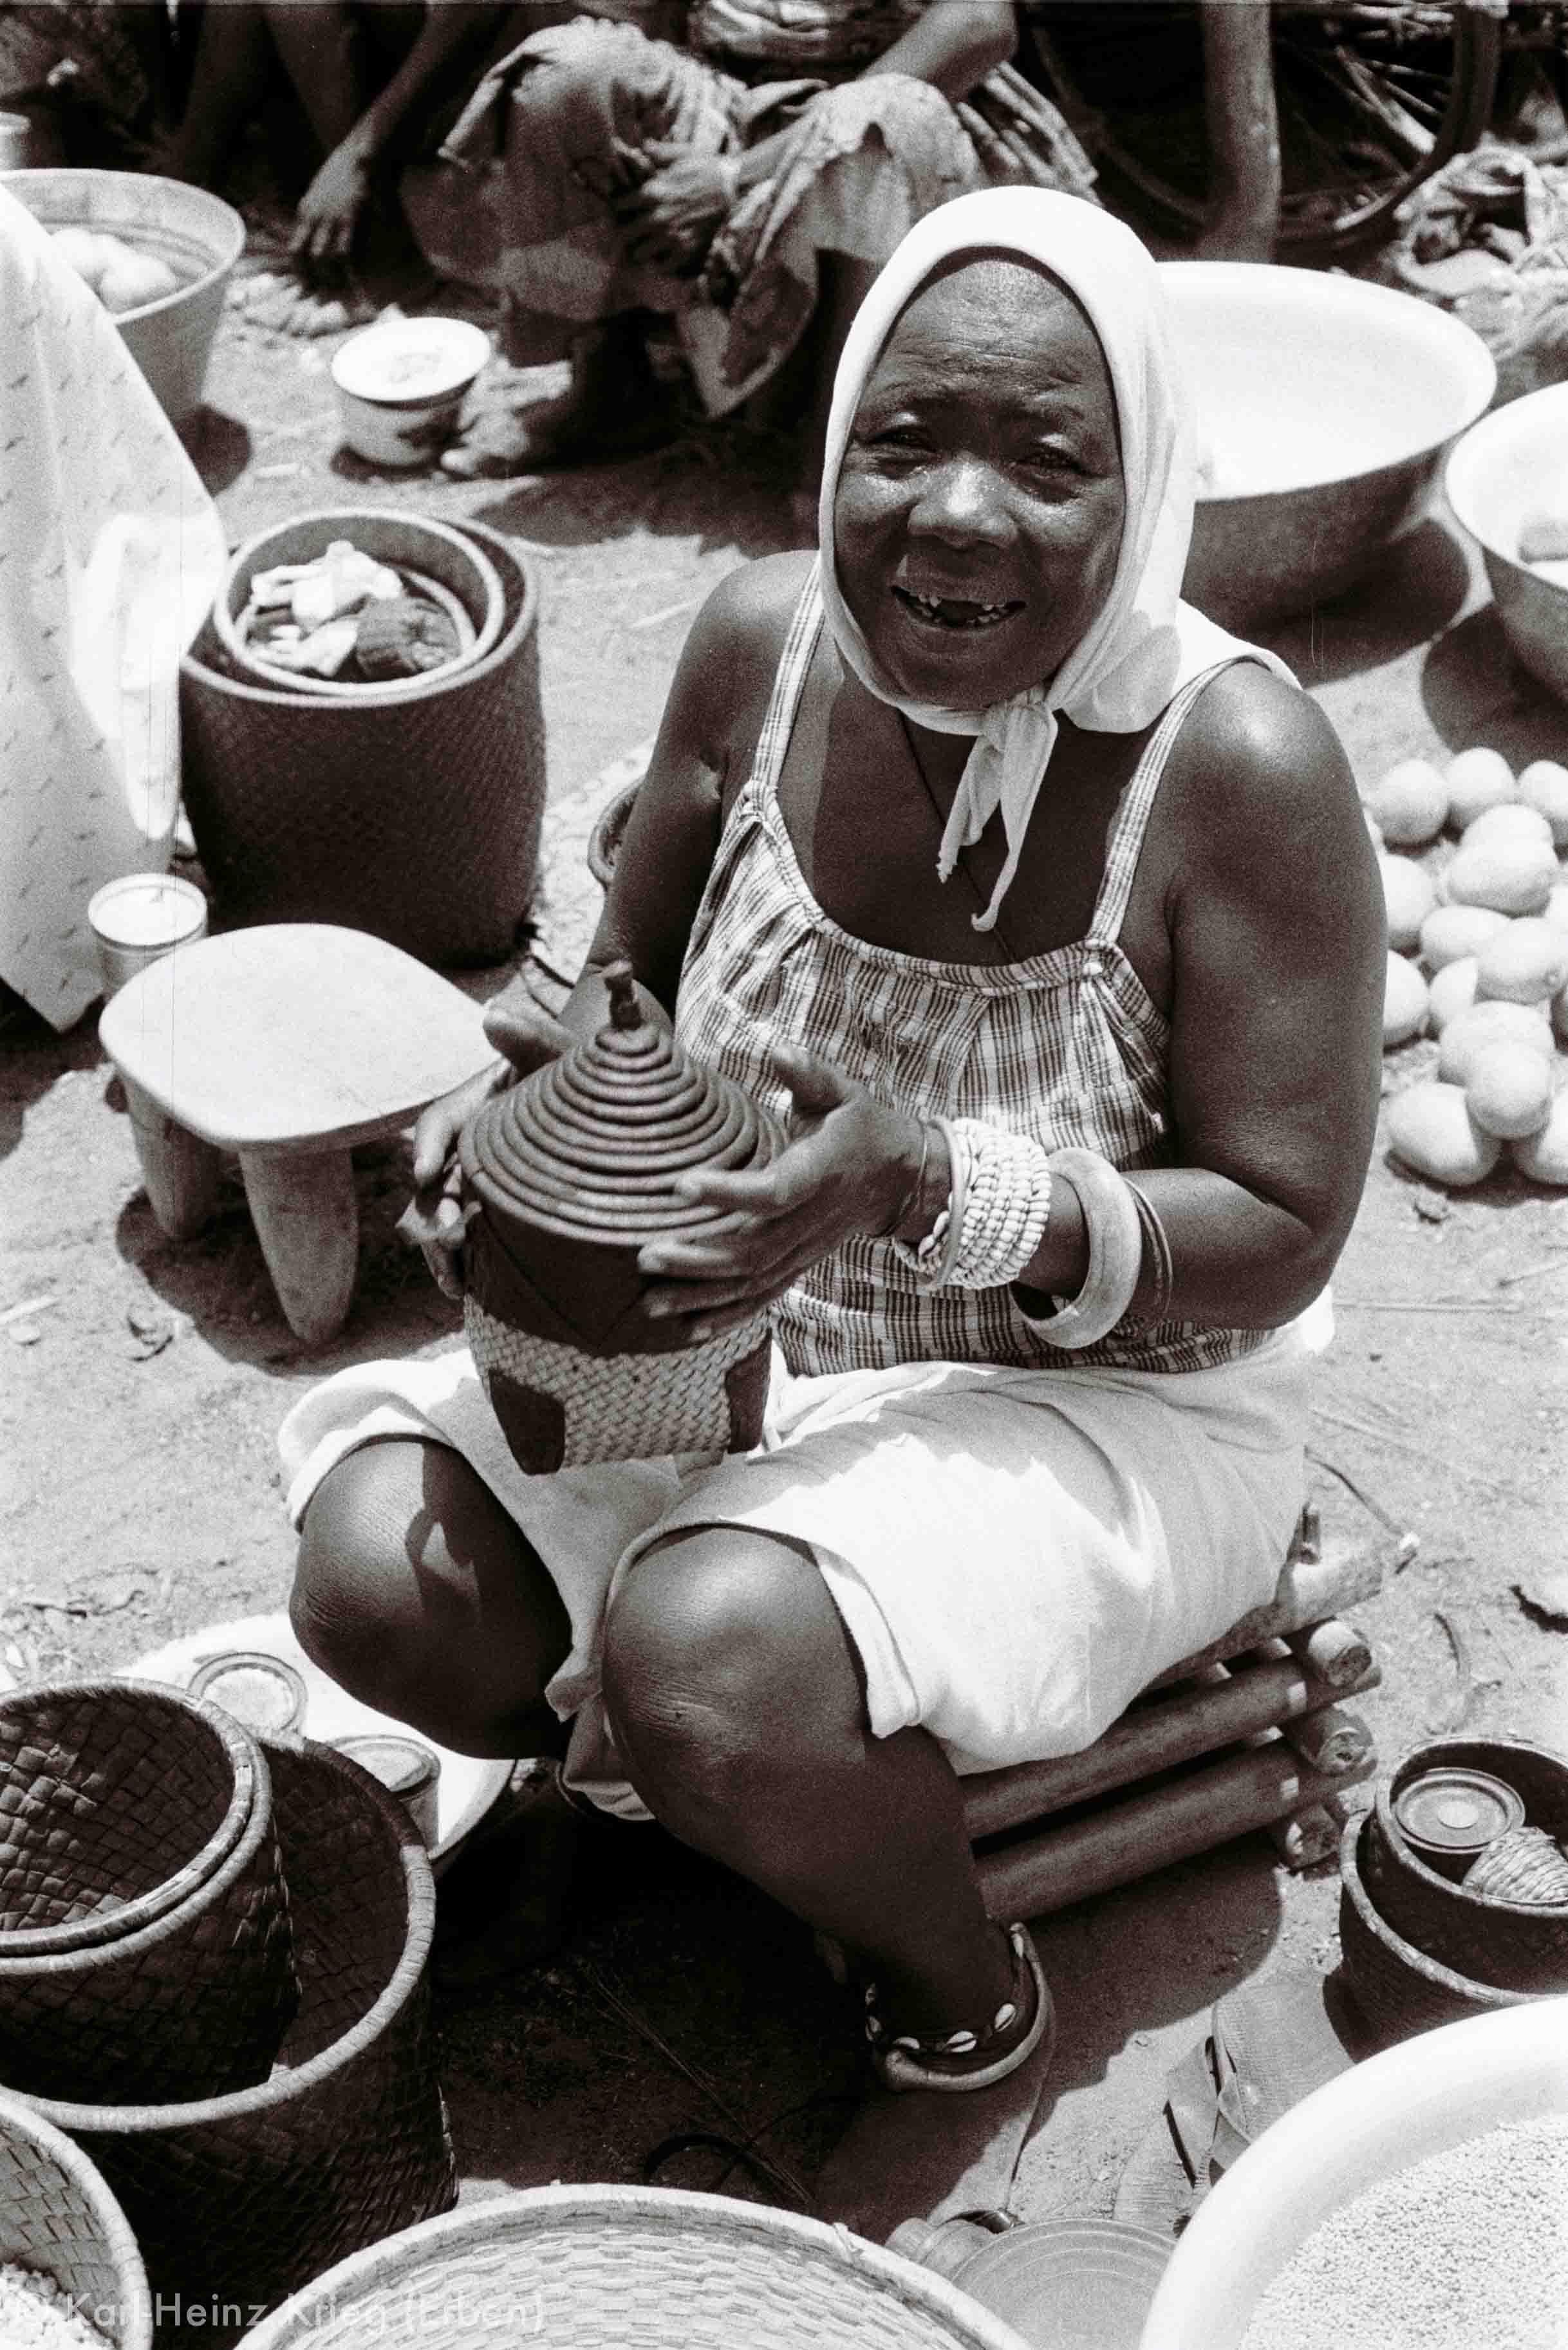 Gué-Frau mit Messkörbchen und traditionellem Schmuck (Bronze-Fußreif, Elfenbein-Armreif und Schmuck aus Kauris). Foto: Karl-Heinz Krieg, Gouindougouba (Region von Banfora, Burkina Faso), 1980